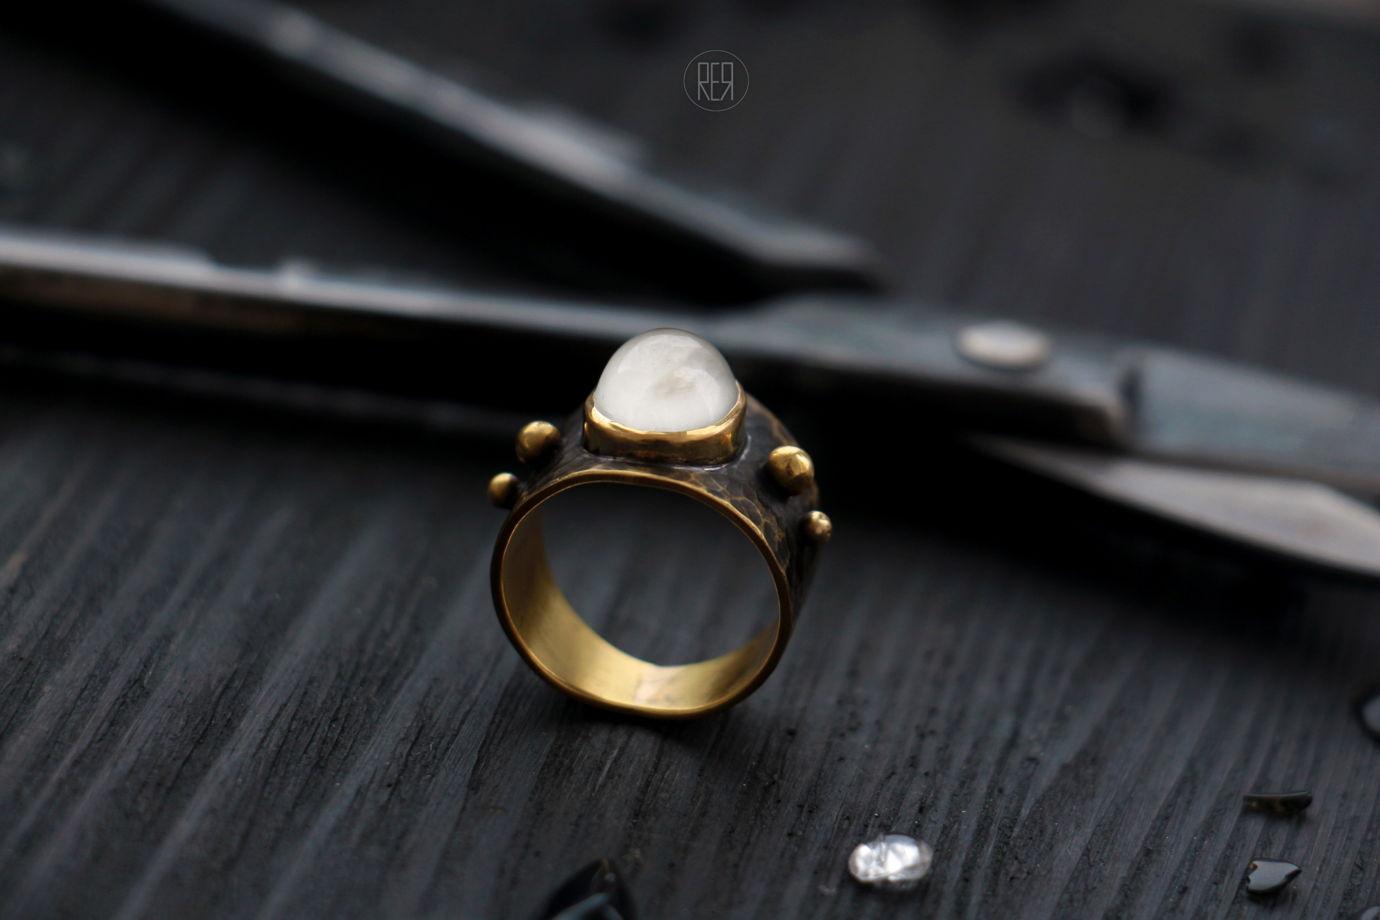 Латунное средневековое кольцо со вставкой из искусственно выращенного камня, состаривание.